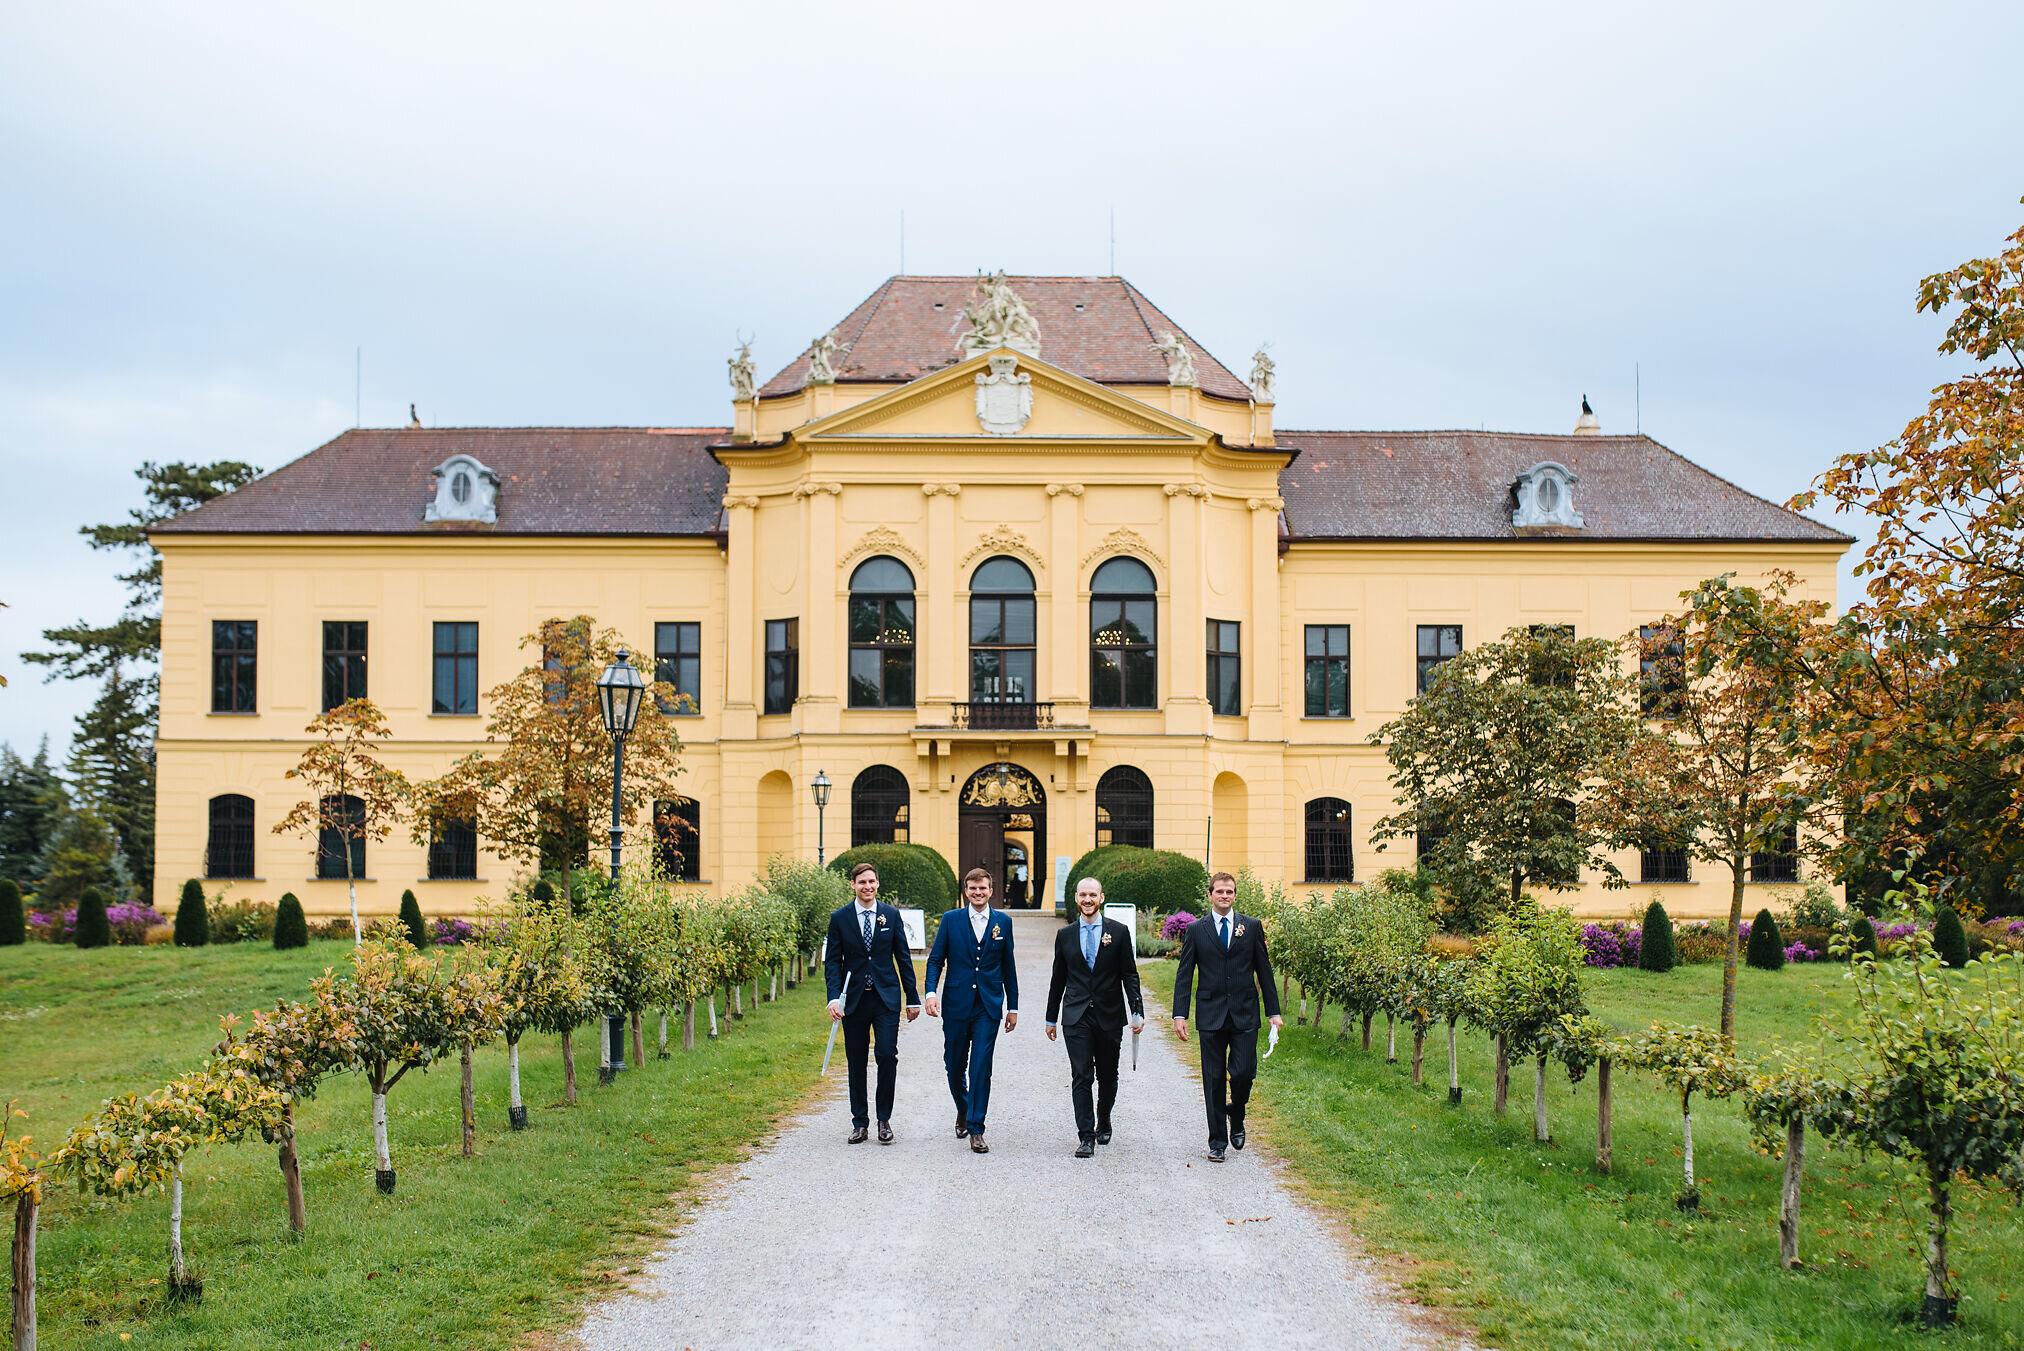 Hochzeit-Schloss-Eckartsau-45.jpg